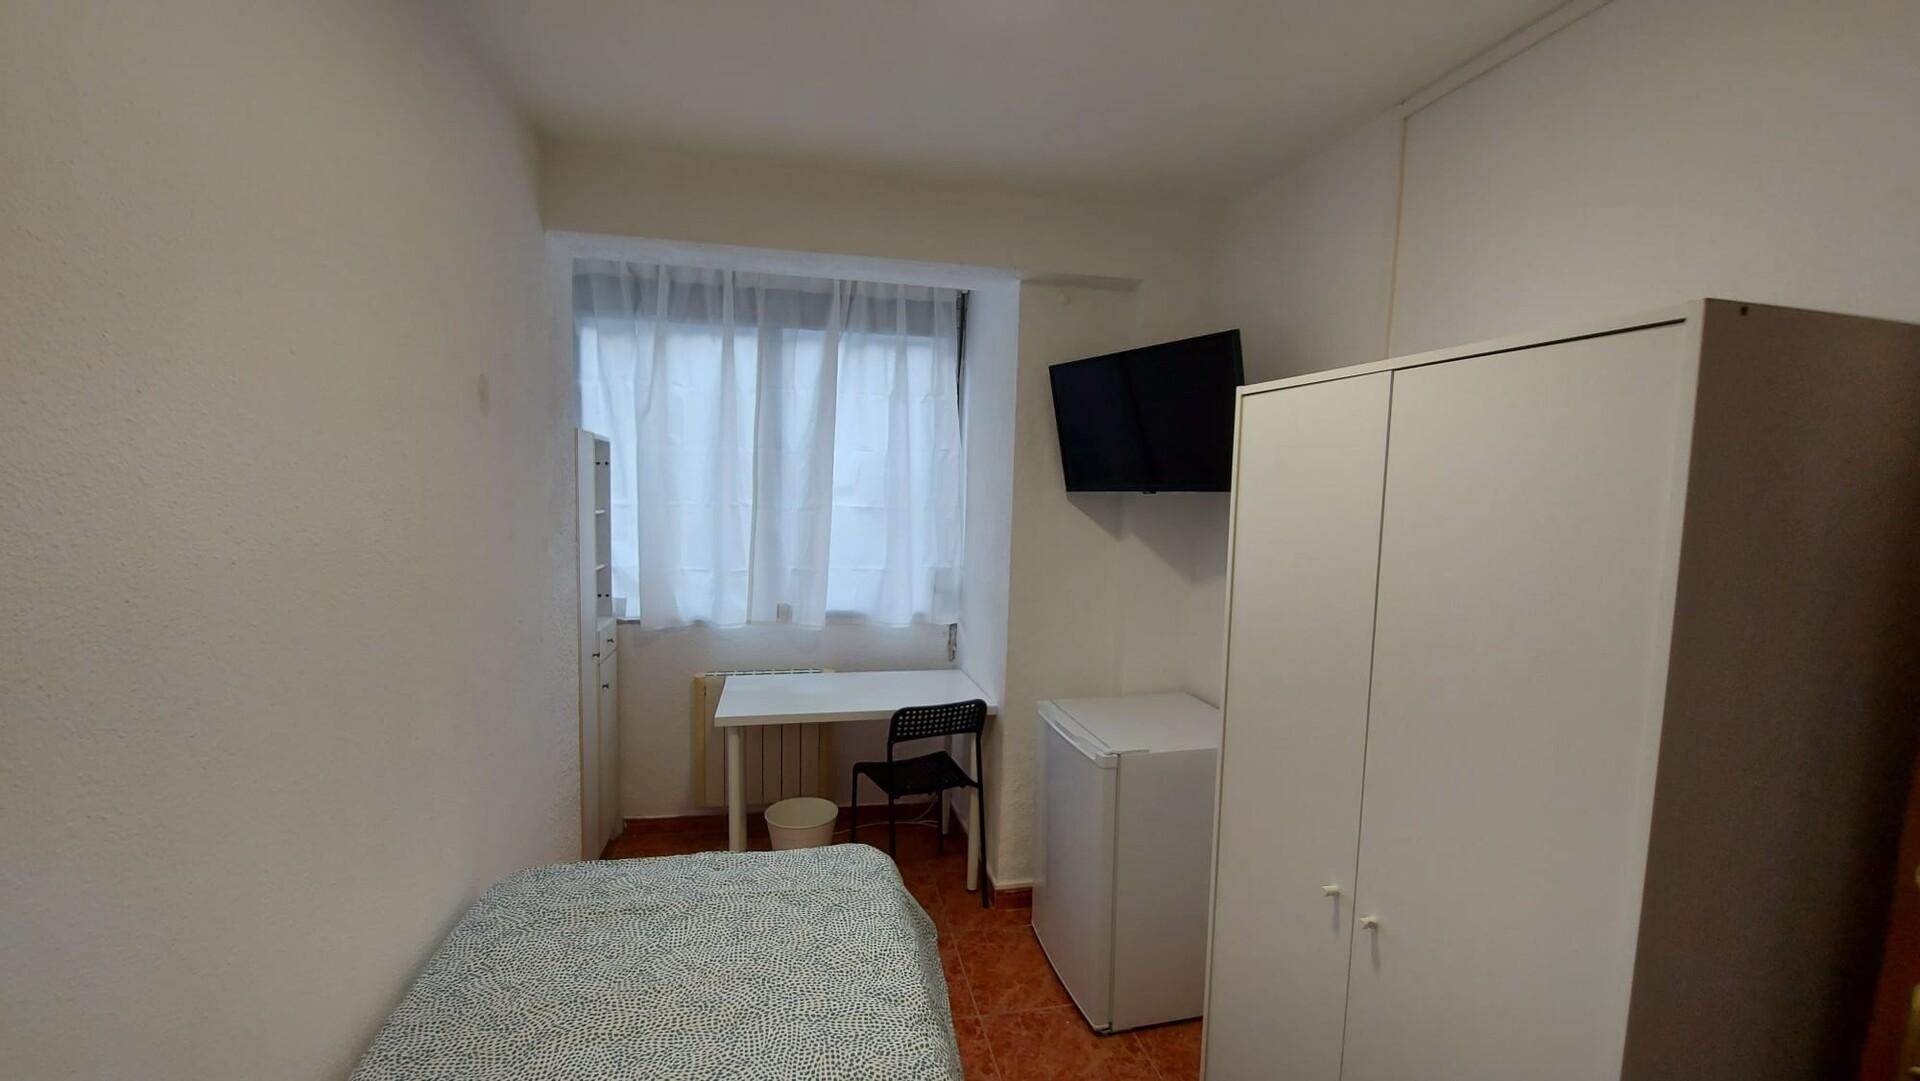 Habitación equipada con frigorífico y televisión m